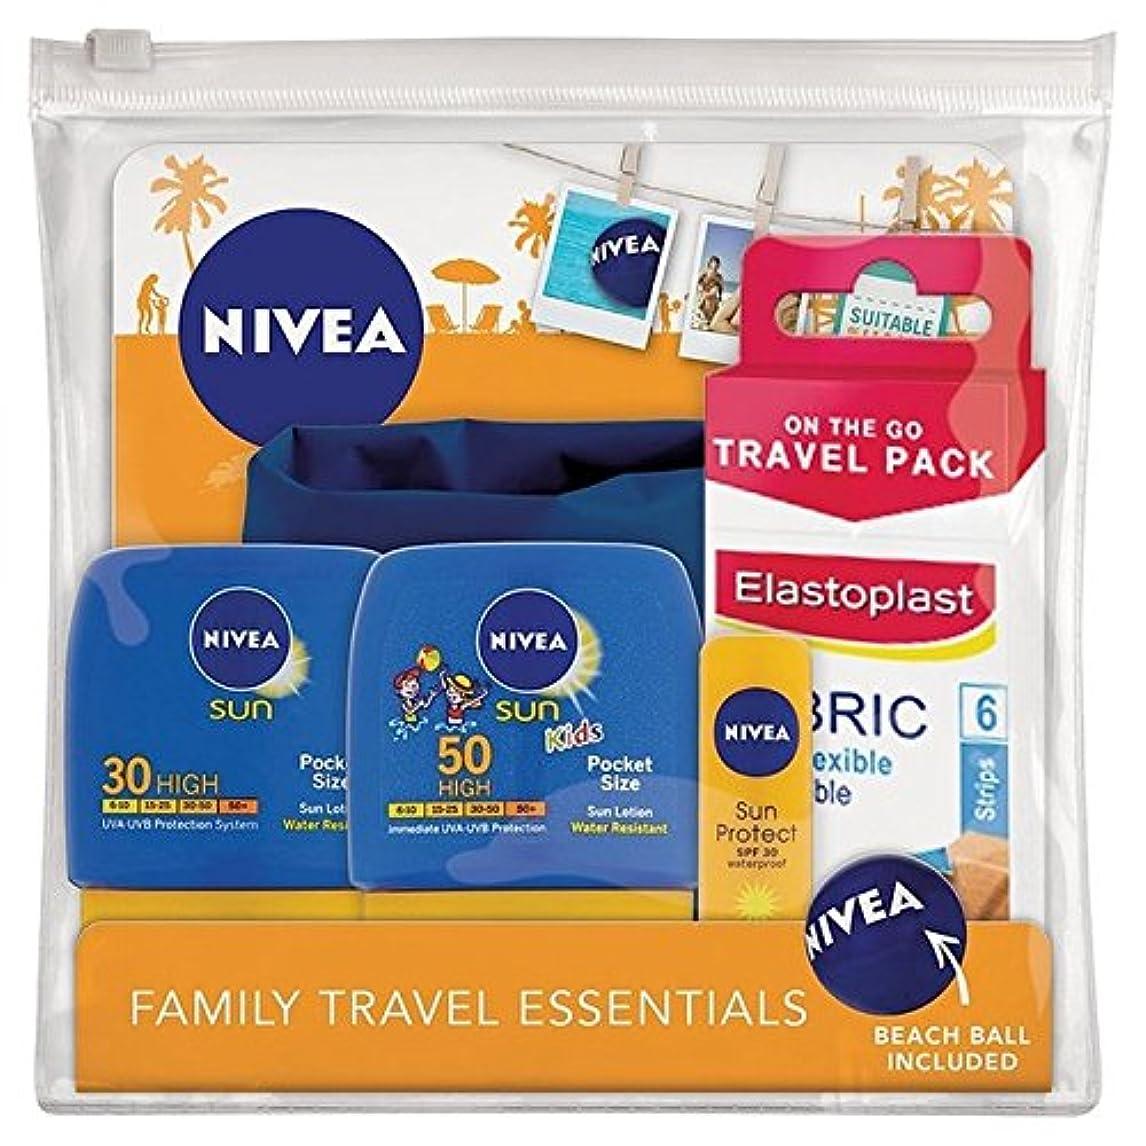 ガス肘引用ニベア日旅行パック x2 - Nivea Sun Travel Pack (Pack of 2) [並行輸入品]